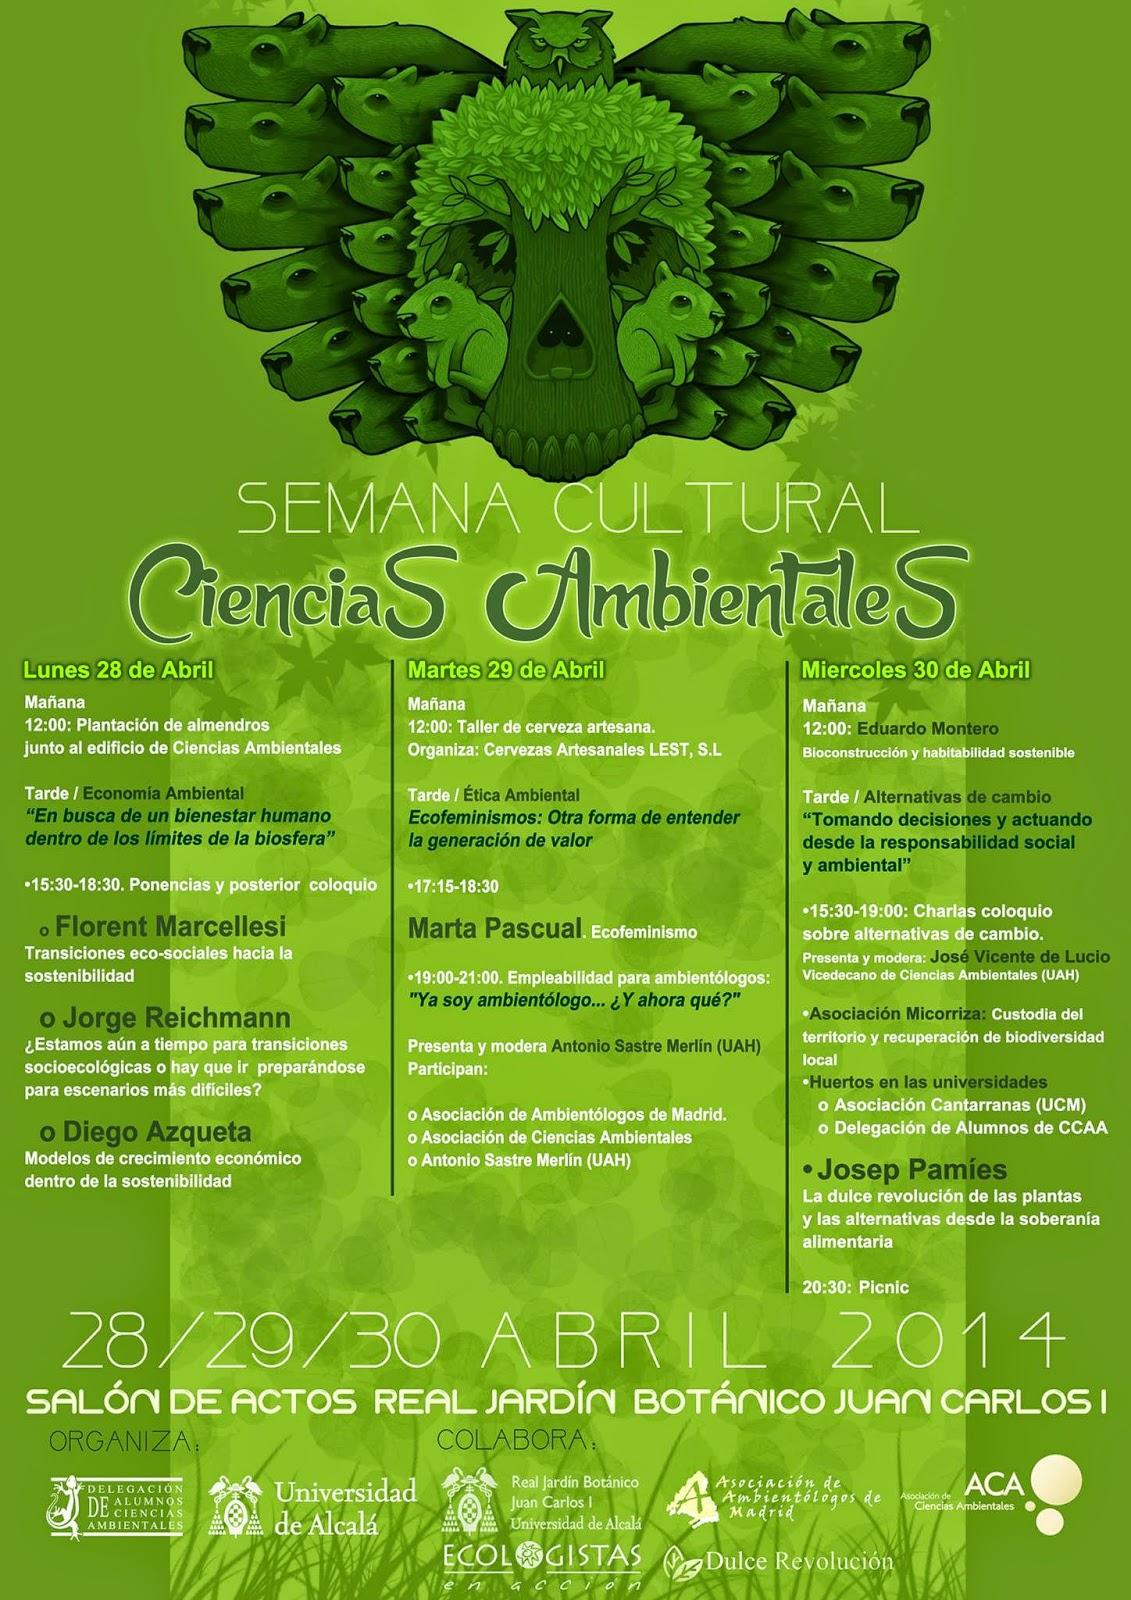 Semana cultural Ciencias Ambientales 2014